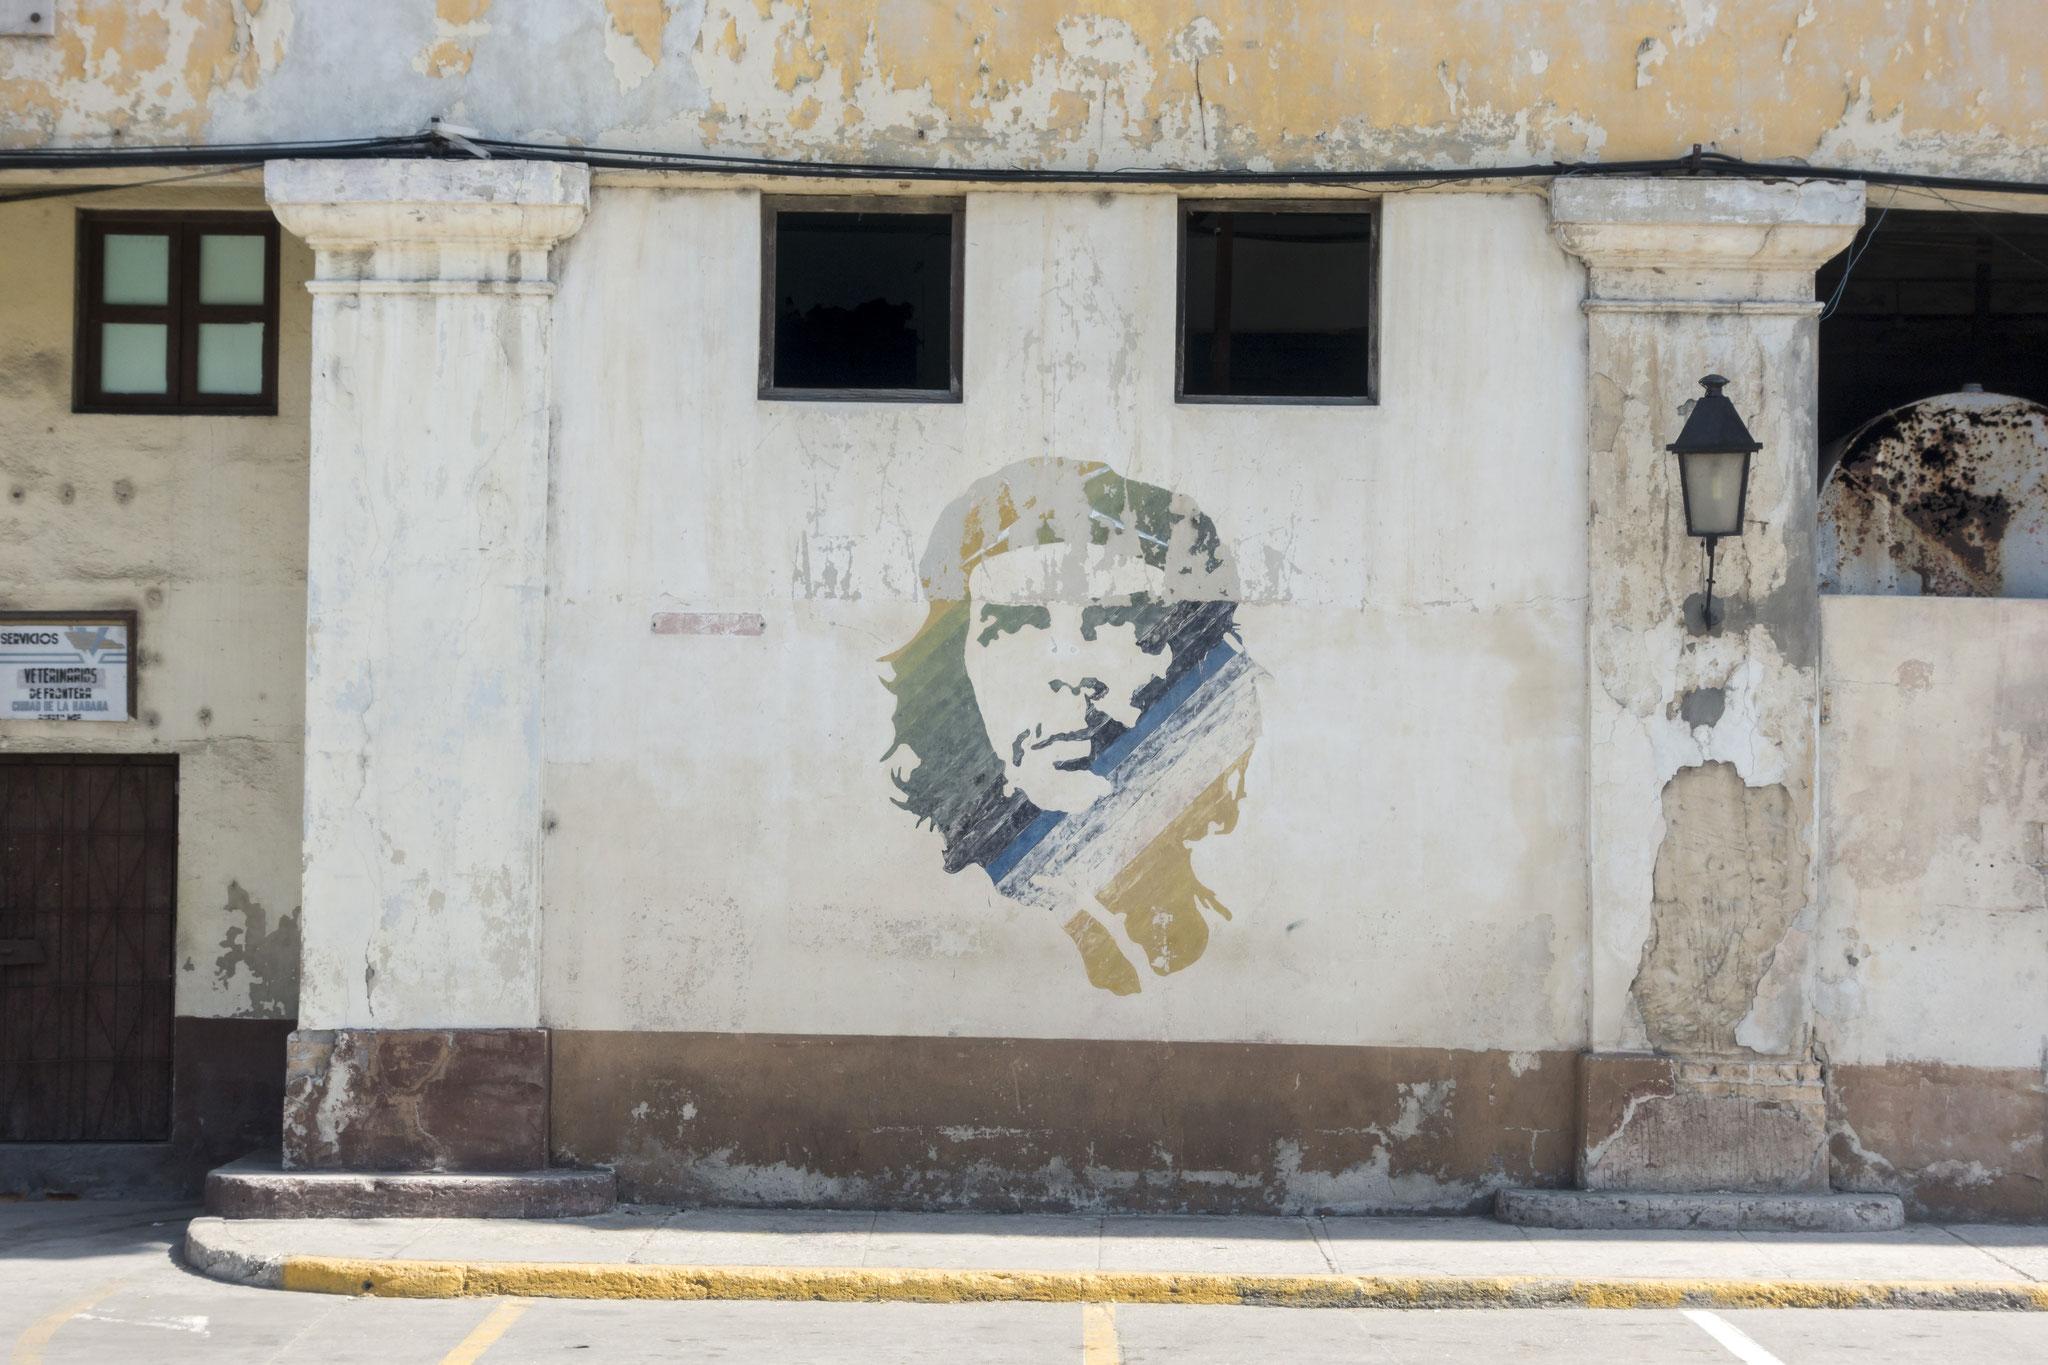 selten in der Altstadt zu sehen: Portraits von Che Guevara oder Fidel Castro